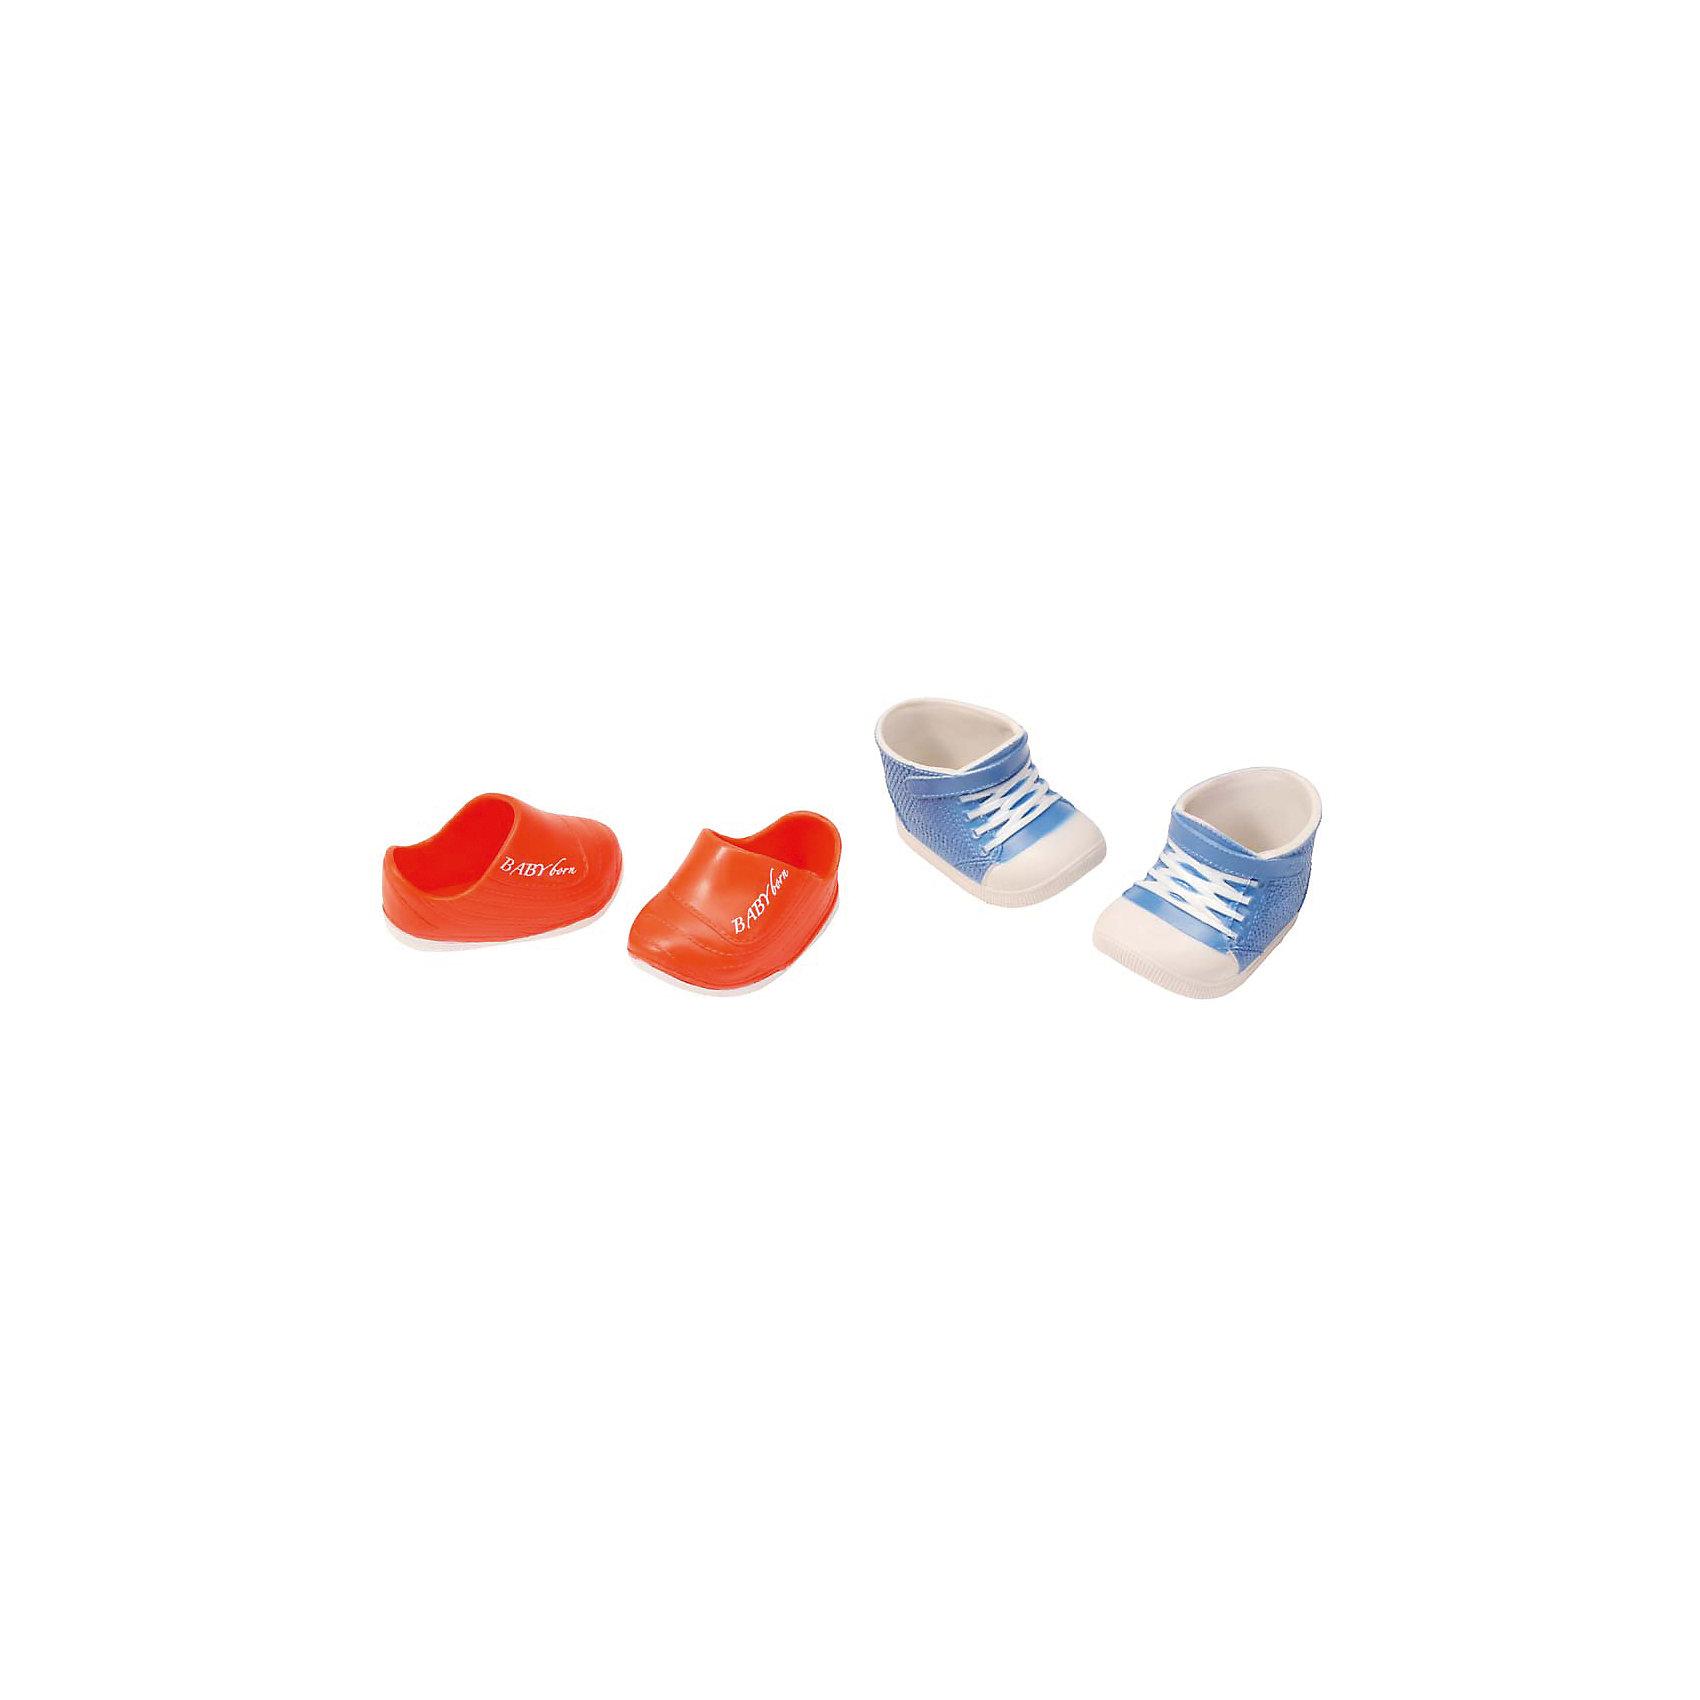 Ботиночки, 2 пары (для куклы), BABY born, синий-оранжевыйБренды кукол<br>Набор обуви для куклы Бэби Бон (Baby Born) от компании Zapf Creation. Яркие, стильные ботиночки, кроссовки и сандалии украсят кукольный гардероб. Как и все игрушки и аксессуары Беби Борн, обувь выполнена очень качественно, с использованием только безопасных материалов и красок. В ассортименте 4 различных набора, по 2 пары обуви в каждом. Наборы продаются отдельно.<br><br>Ширина мм: 219<br>Глубина мм: 179<br>Высота мм: 38<br>Вес г: 78<br>Возраст от месяцев: 36<br>Возраст до месяцев: 60<br>Пол: Женский<br>Возраст: Детский<br>SKU: 4829120